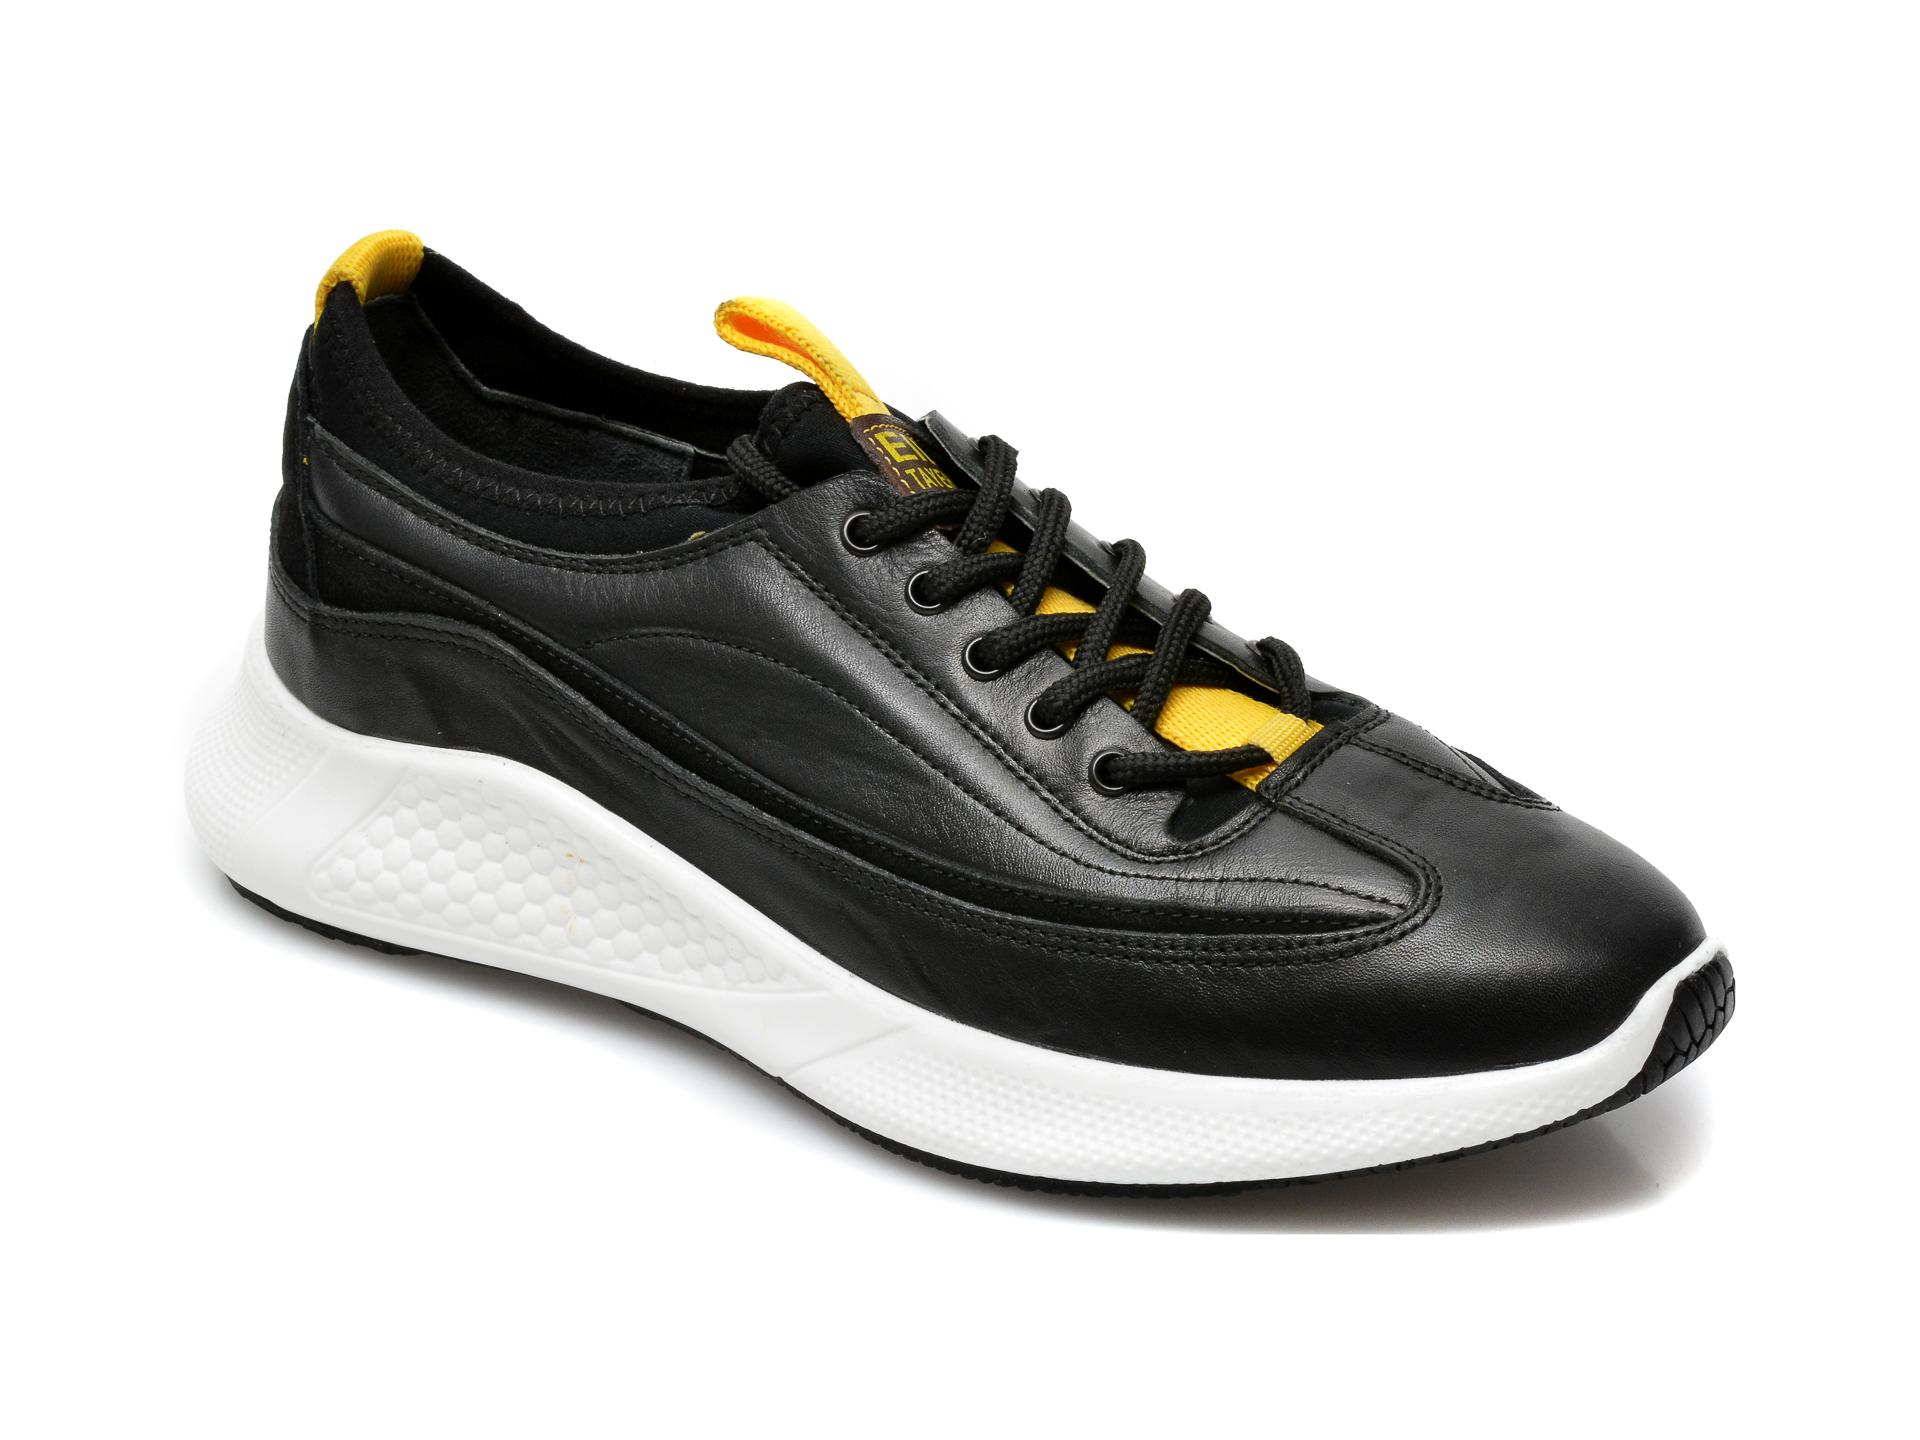 Pantofi OTTER negri, M6049, din piele naturala imagine otter.ro 2021